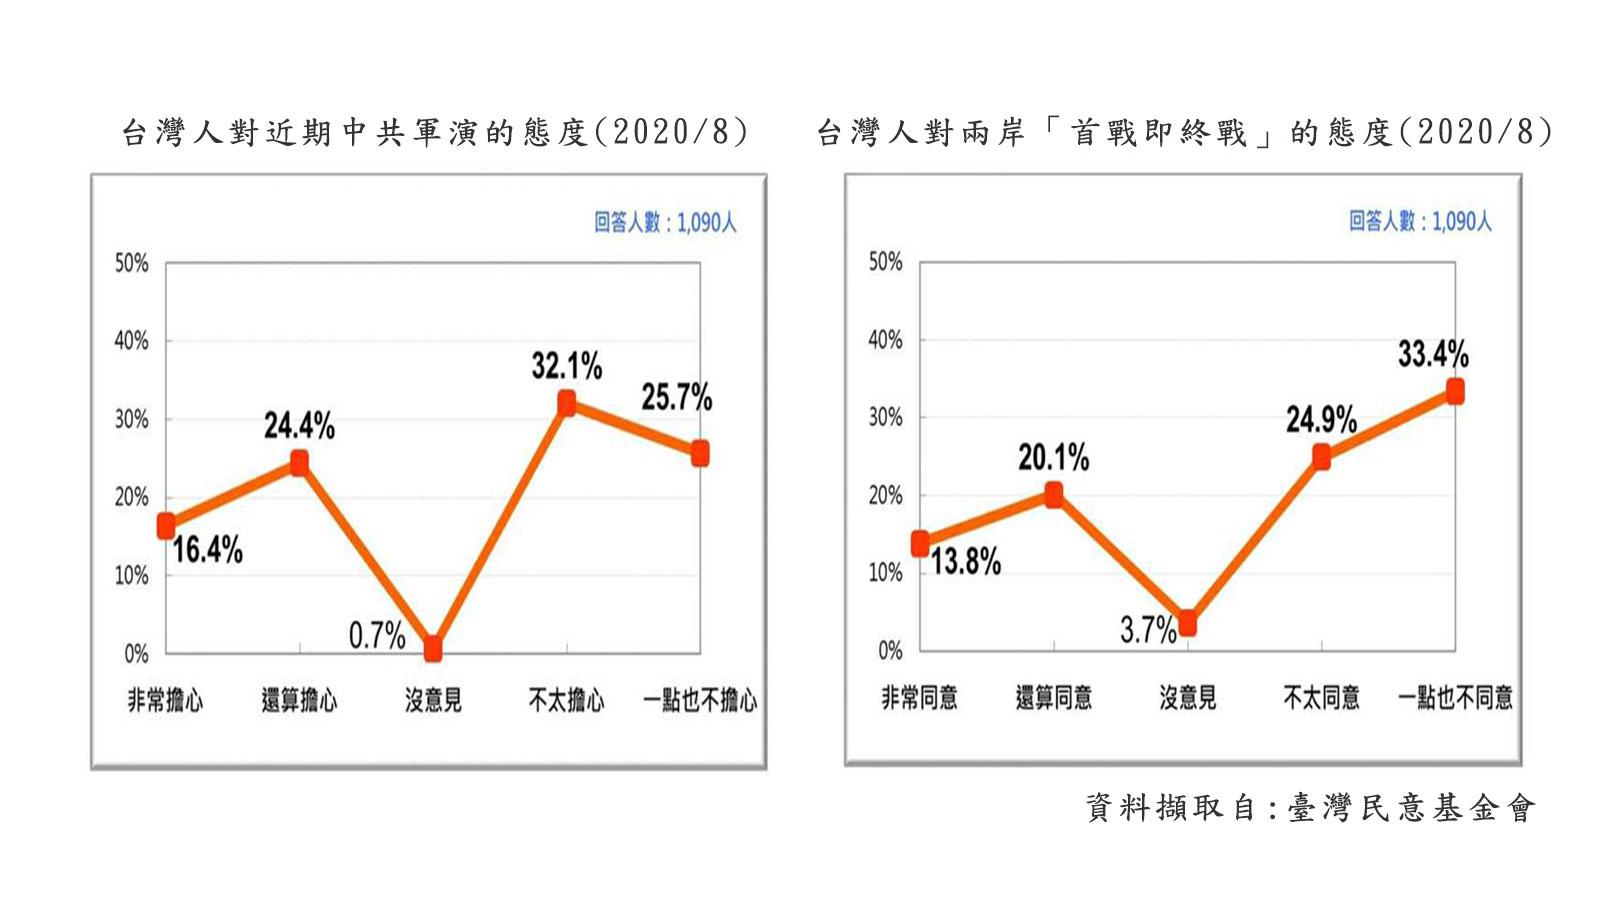 據2020年8月24日臺灣民意基金會發表的民調,57.8%的臺灣民眾不擔心兩岸爆發戰爭(含「不太擔心」和「一點也不擔心」),58.3%的臺灣民眾不同意「首戰即終戰」(含「不太同意」和「一點也不同意」)。(資料擷取自:臺灣民調基金會)